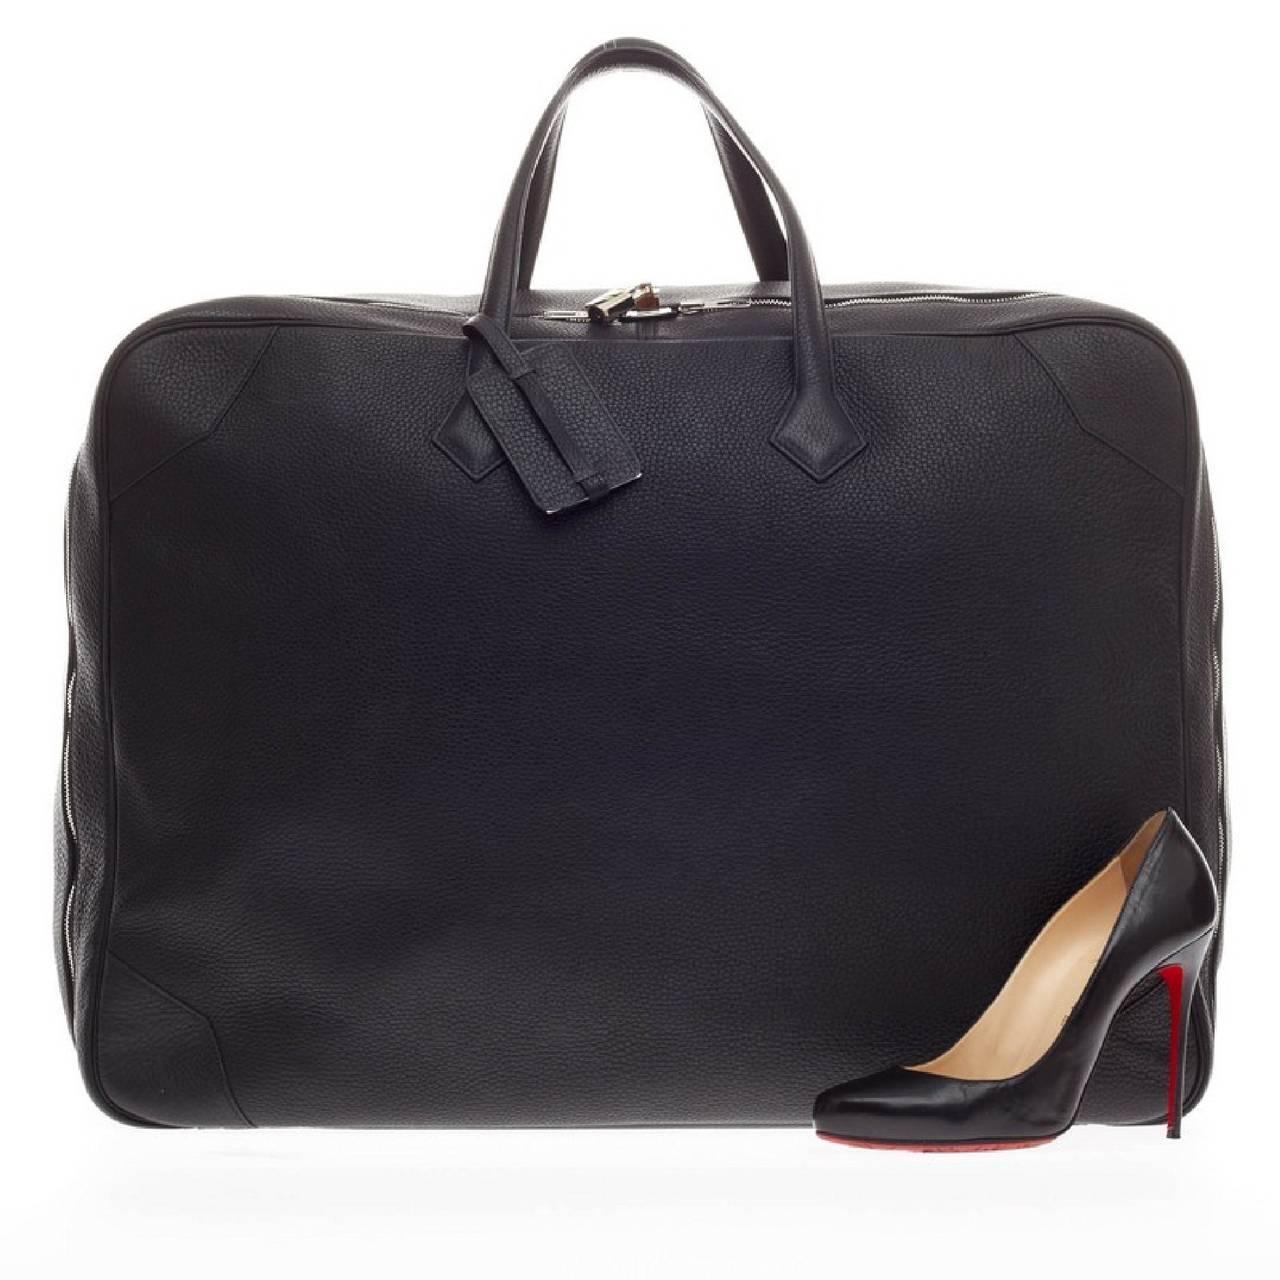 hermes bags price - hermes victoria de voyage bag, hermes birkin crocodile price